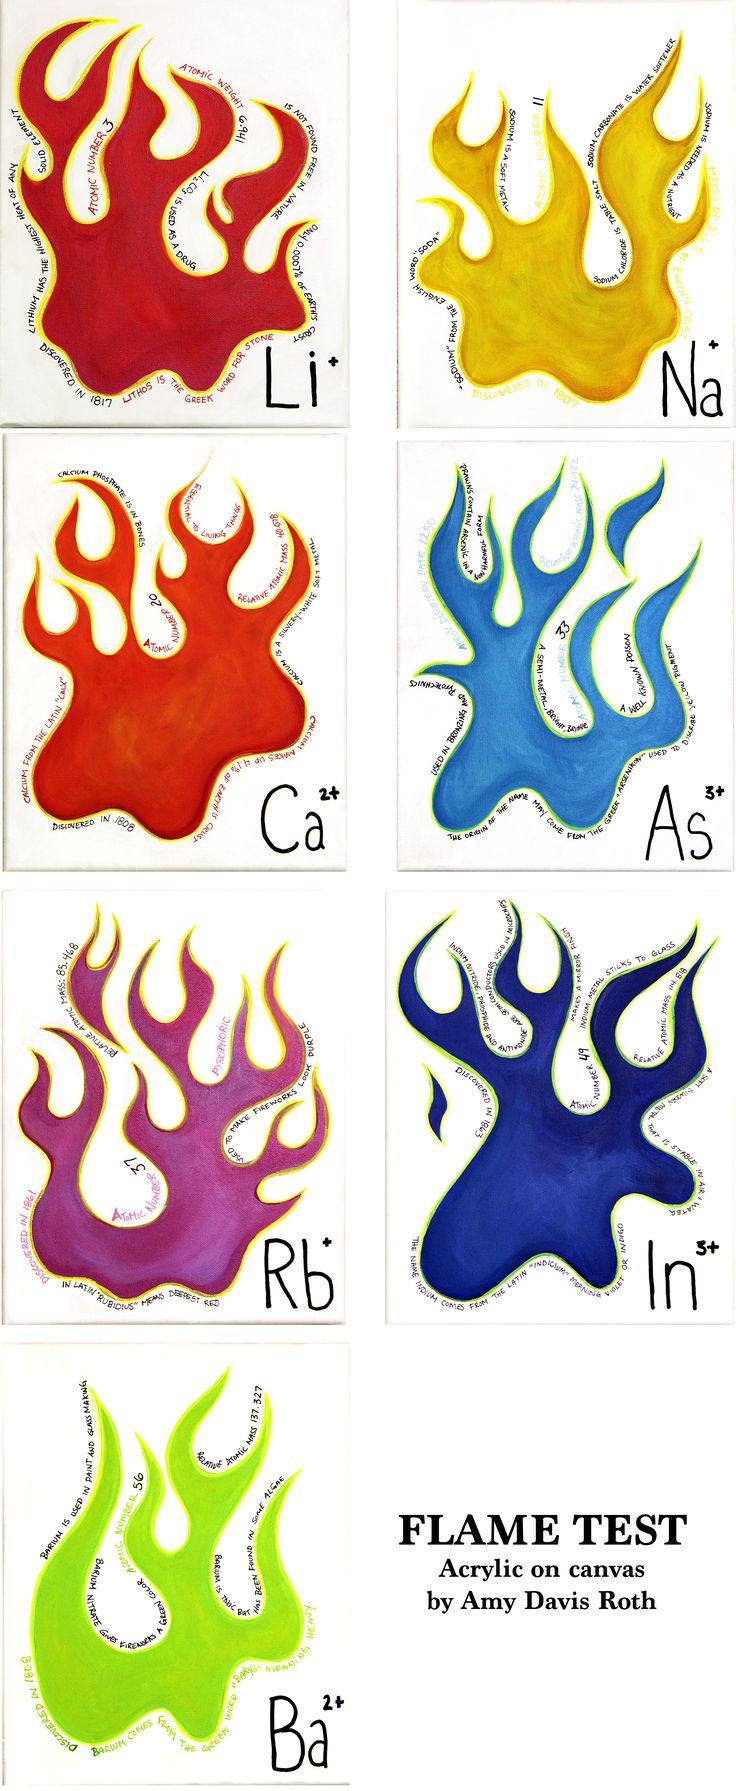 Color de la flama según el elemento que tenga la pólvora, por si desean hacer pirotecnia.